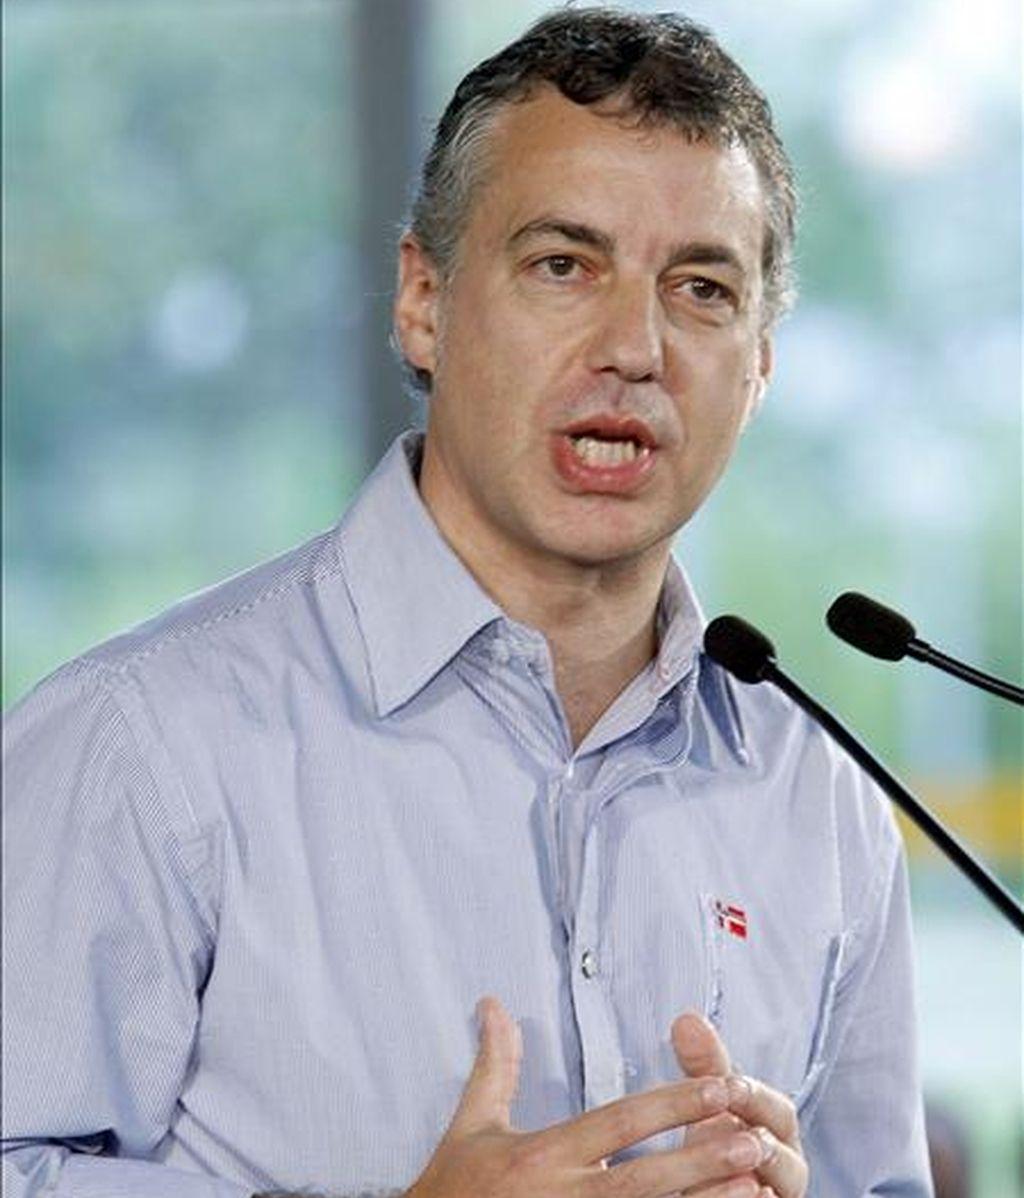 El presidente del PNV, Iñigo Urkullu, durante su intervención en un acto en Durango (Vizcaya) con candidatos del partido para las elecciones municipales y forales. EFE